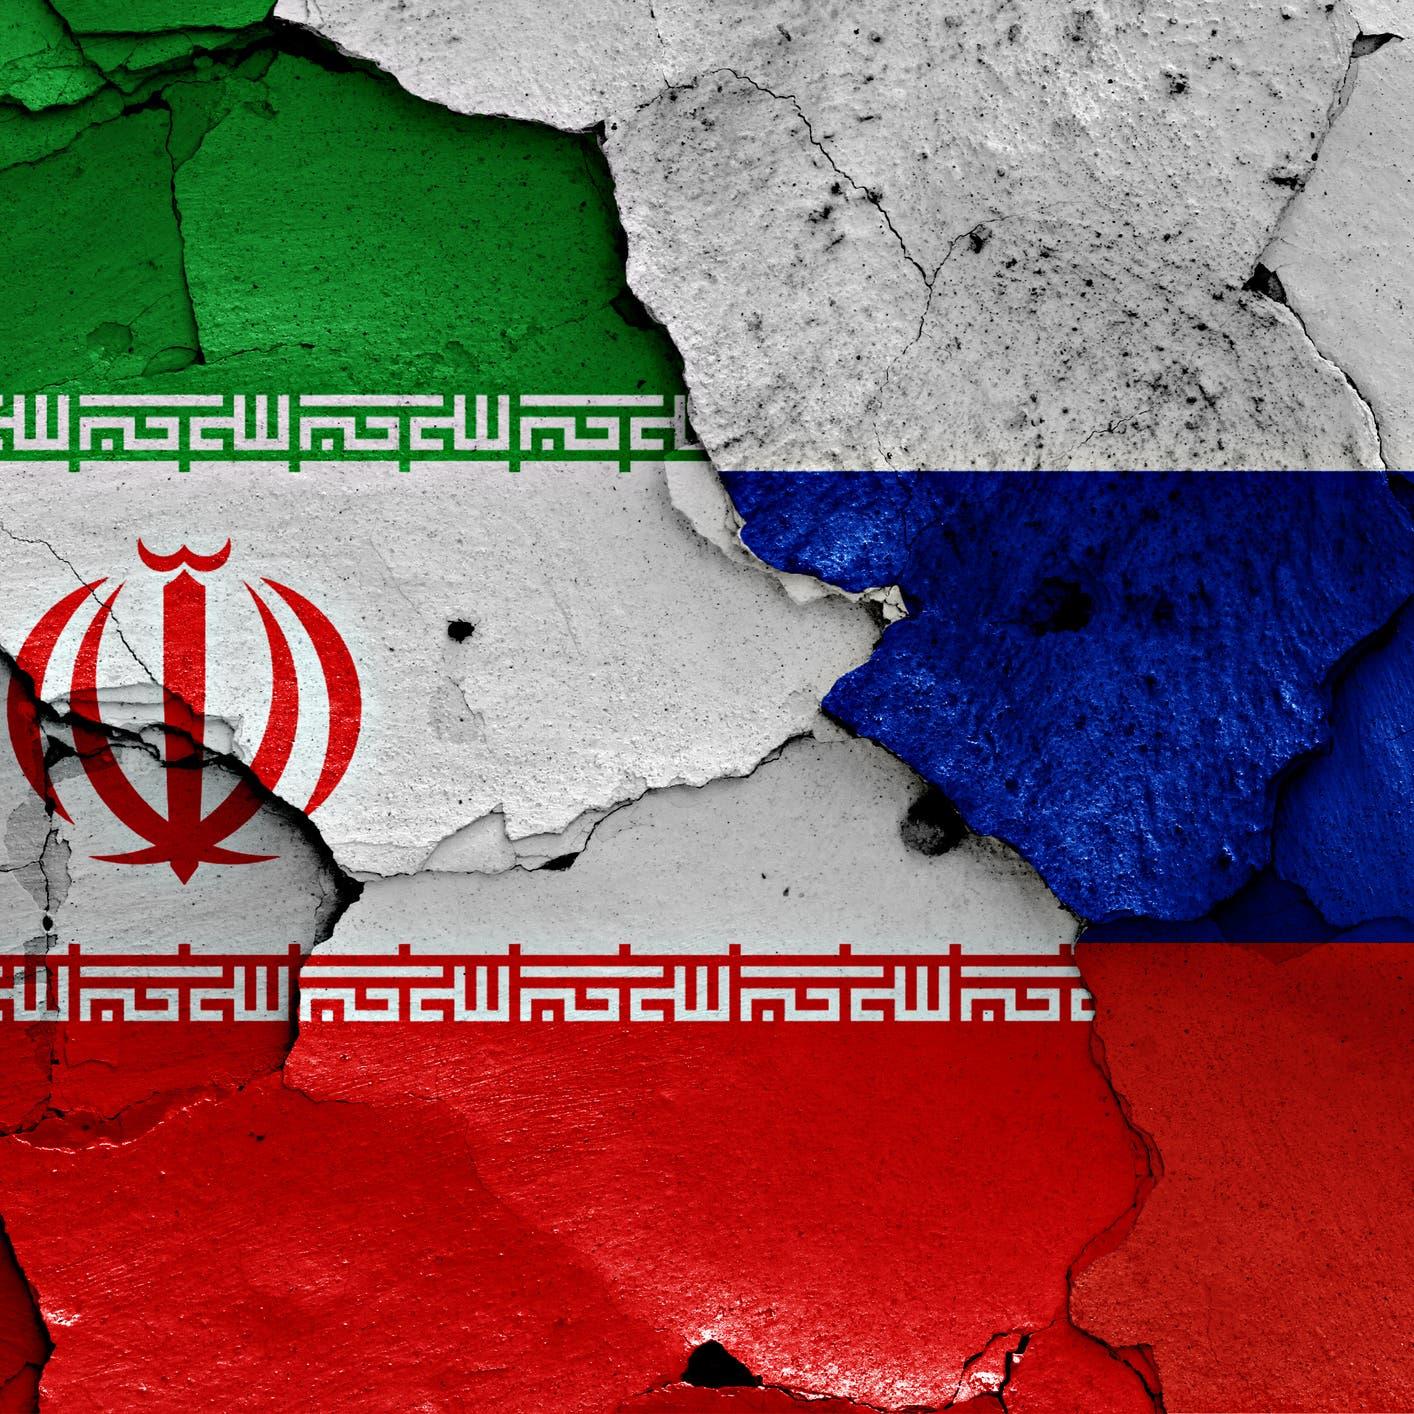 اللغة والمطاحن والطاقة.. مجالات الصراع بين إيران وروسيا بسوريا